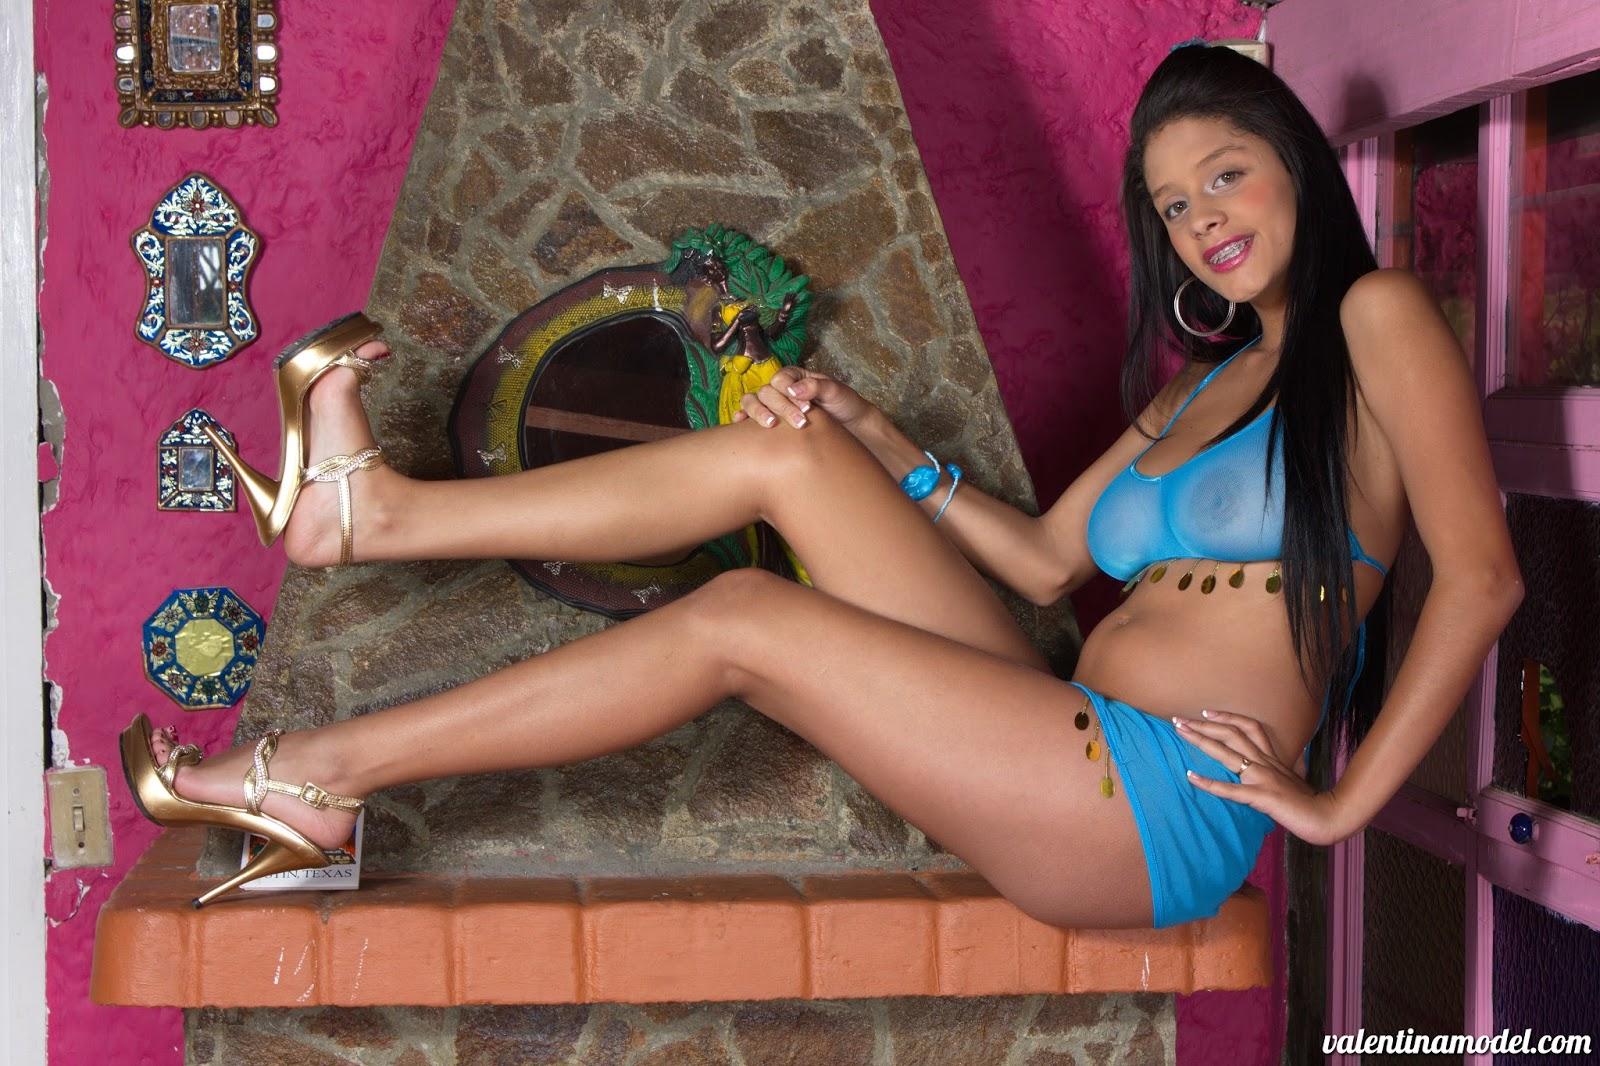 Nena sexy de colombia muestra su blanco cuerpo desnudo - 1 3